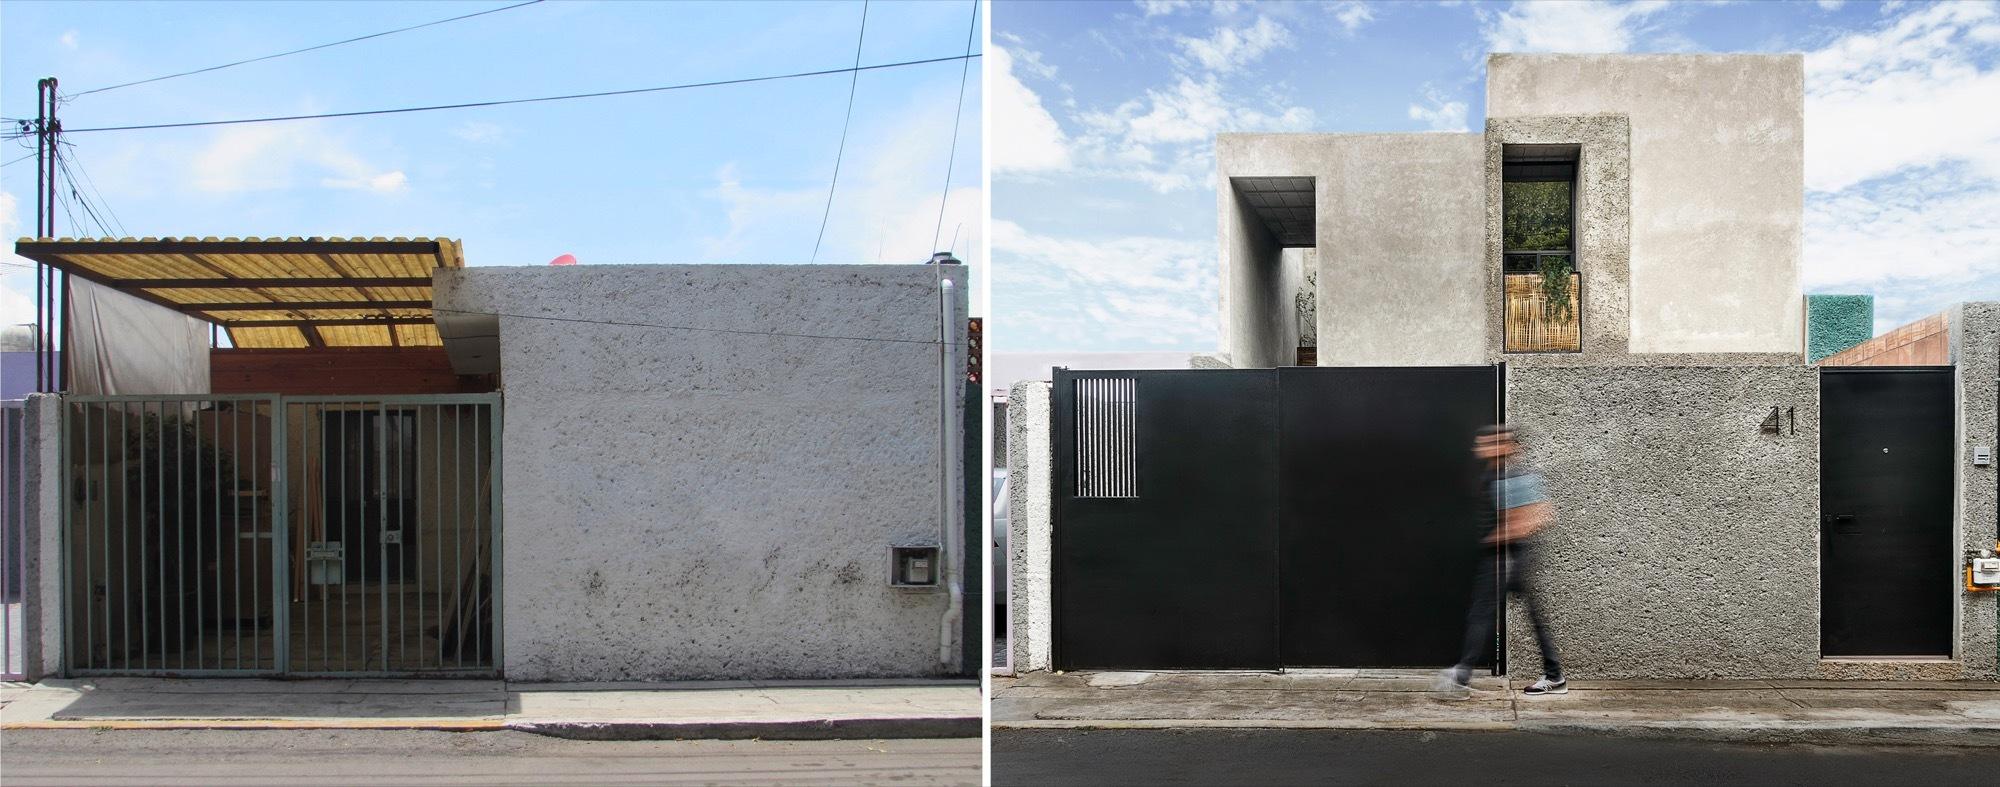 Gallery of casa estudio intersticial arquitectura 14 for Casa estudio arquitectura